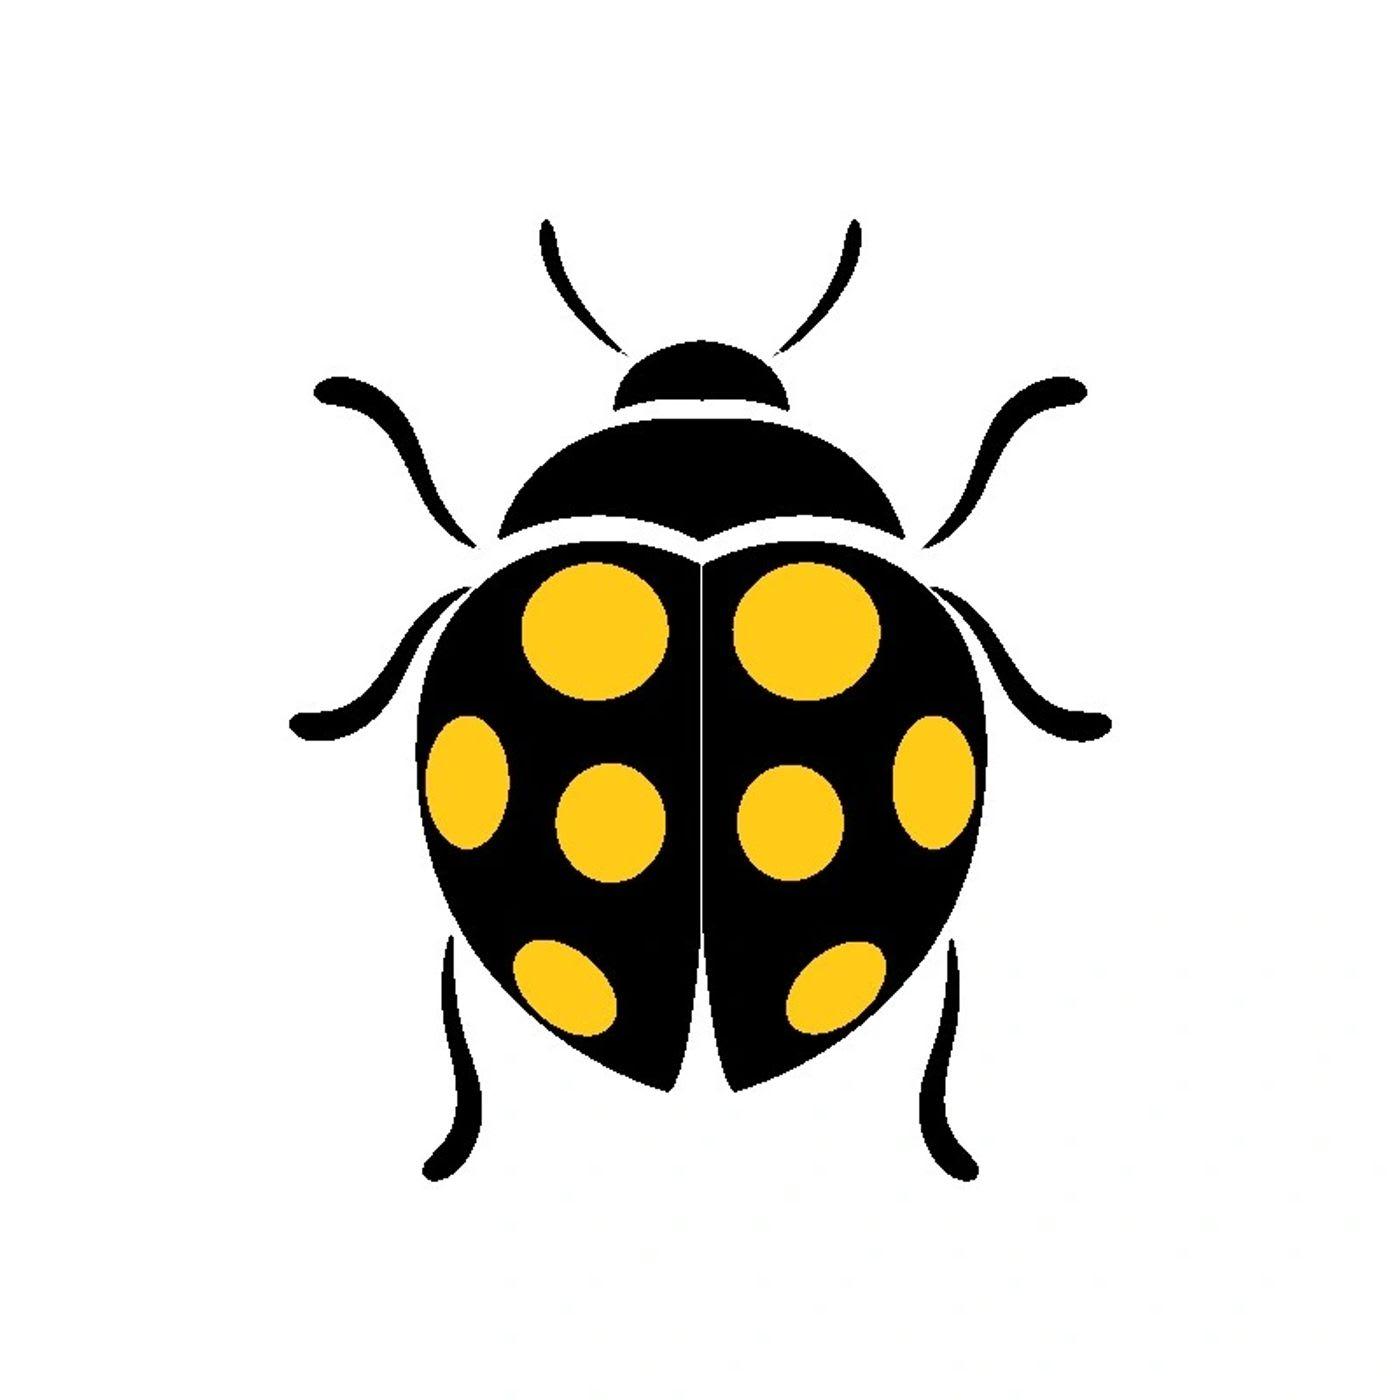 The Sassy Ladybug